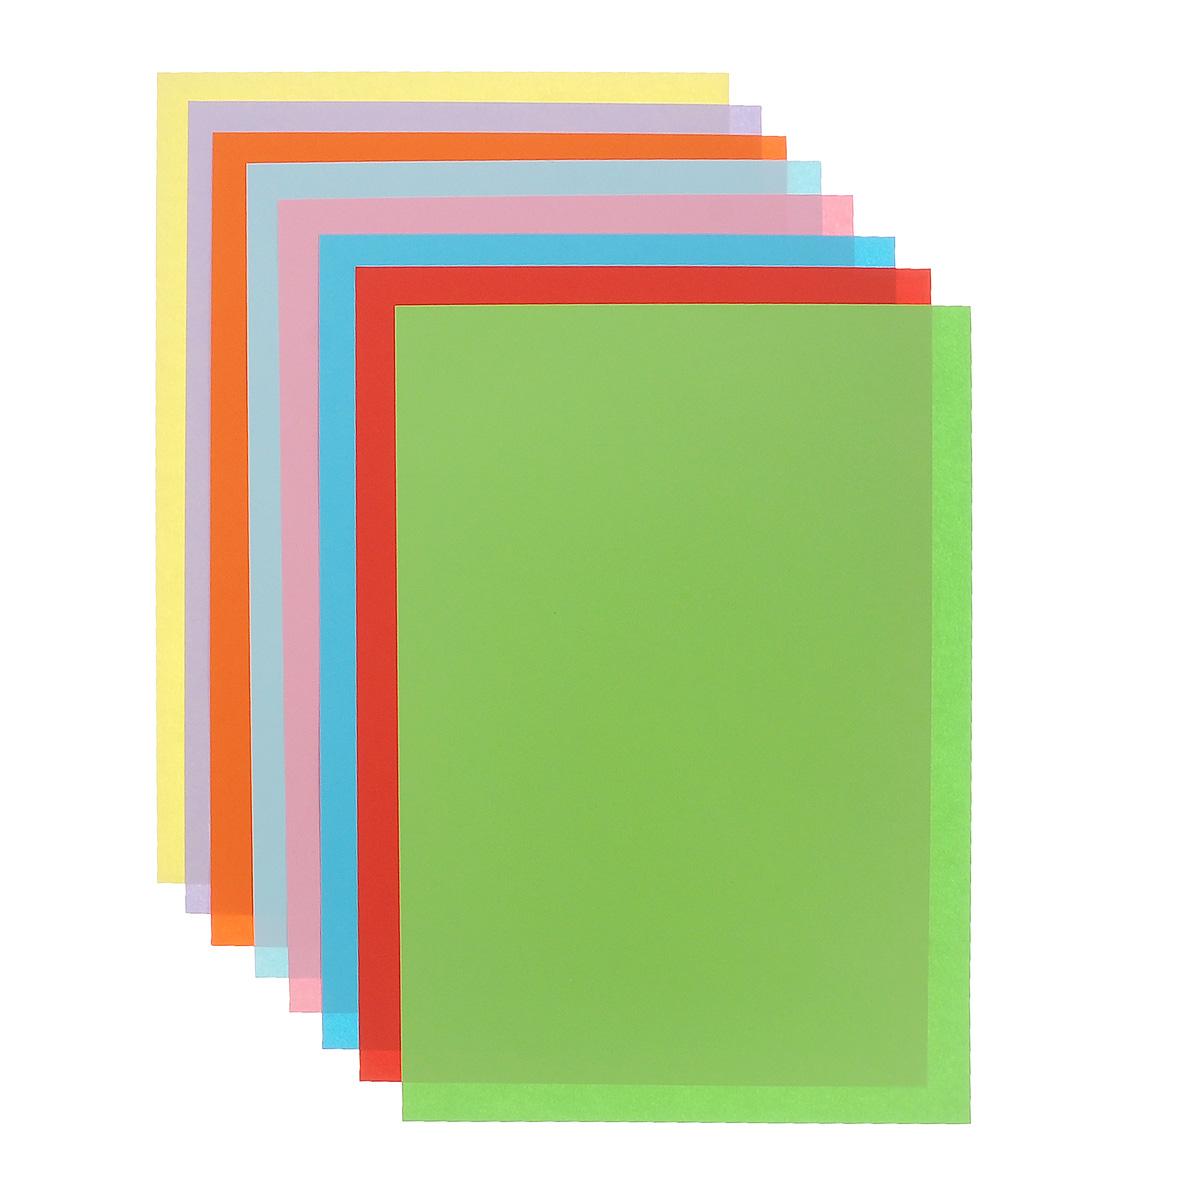 Цветная бумага Hatber Barbie, двухсторонняя, 8 цветов8Бц4т_12858Набор двухсторонней бумаги Barbie идеально подойдет для детского творчества. В набор входят 8 листов бумаги разных цветов: оранжевого, светло-голубого, розового, голубого, салатового, красного, сиреневого, желтого. Широта возможностей применения такой бумаги приятно удивит самого взыскательного малыша. Бумага упакована в картонную папку, оформленную изображением русалки Барби. На внутреннем развороте папке расположен рисунок, который малышка сможет раскрасить самостоятельно.